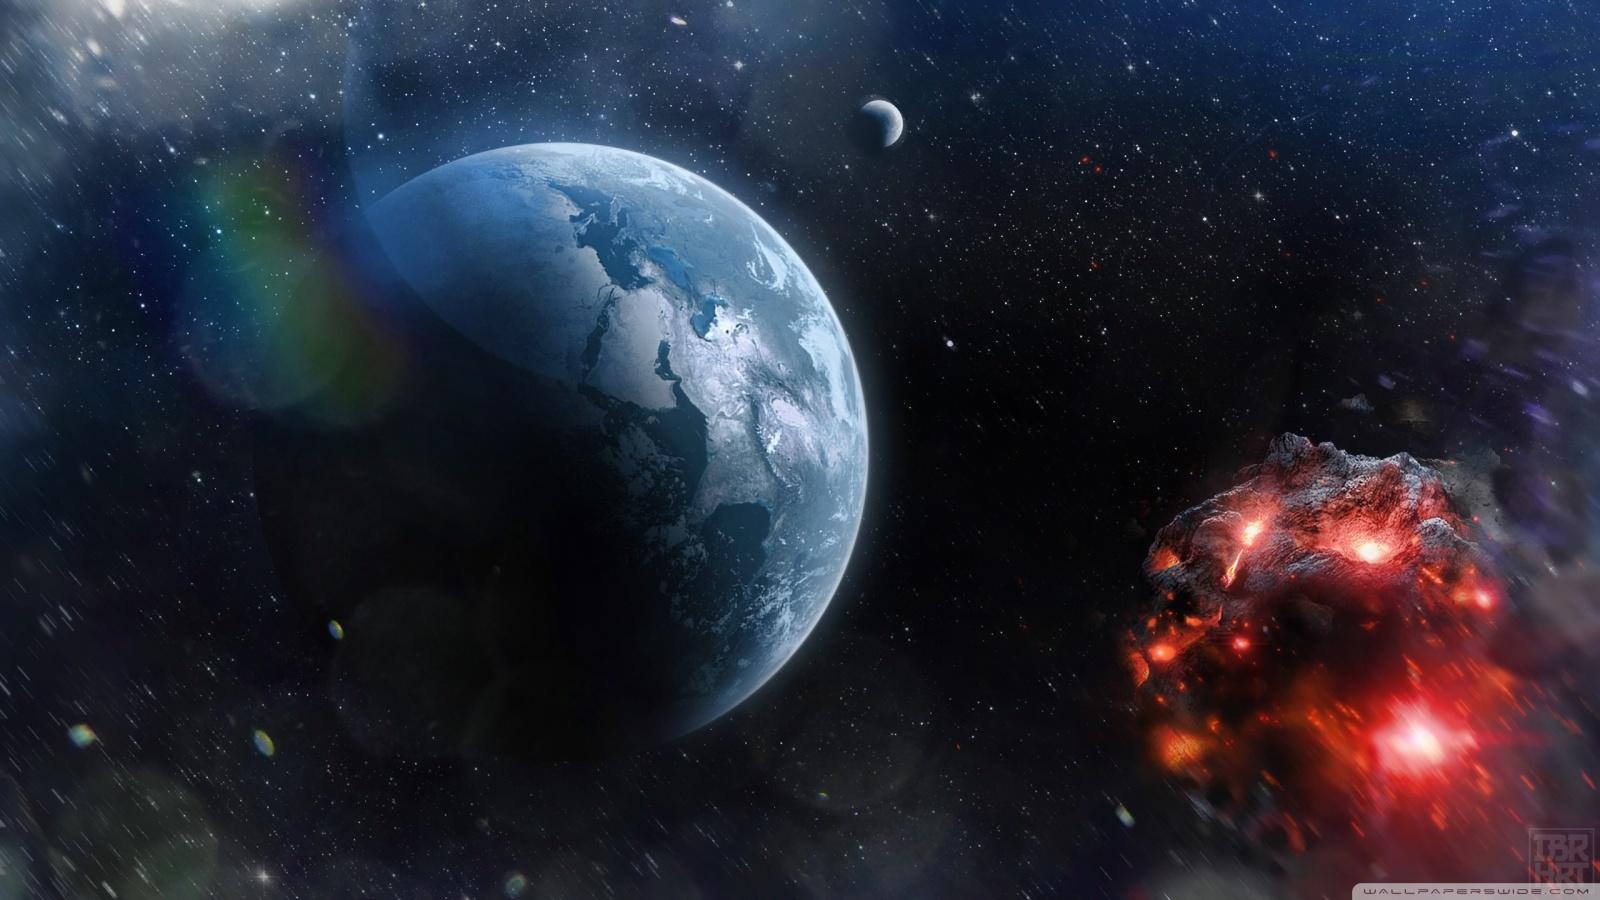 17604 скачать обои Пейзаж, Планеты, Космос - заставки и картинки бесплатно